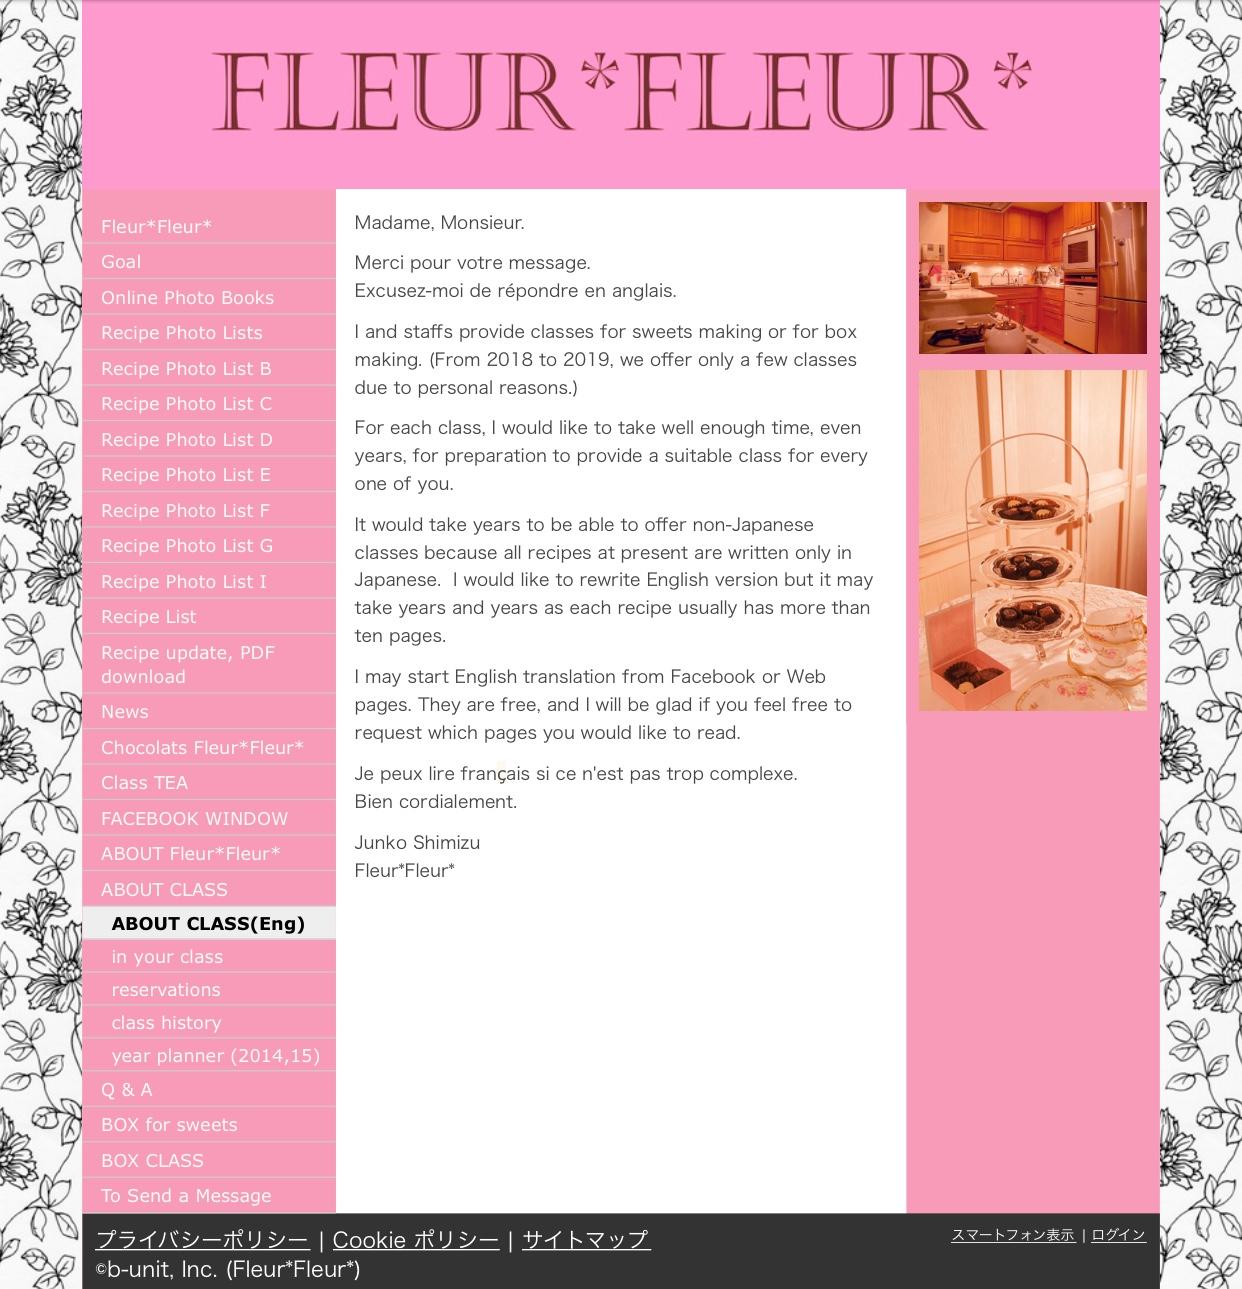 Fleur*Fleur*, 201808